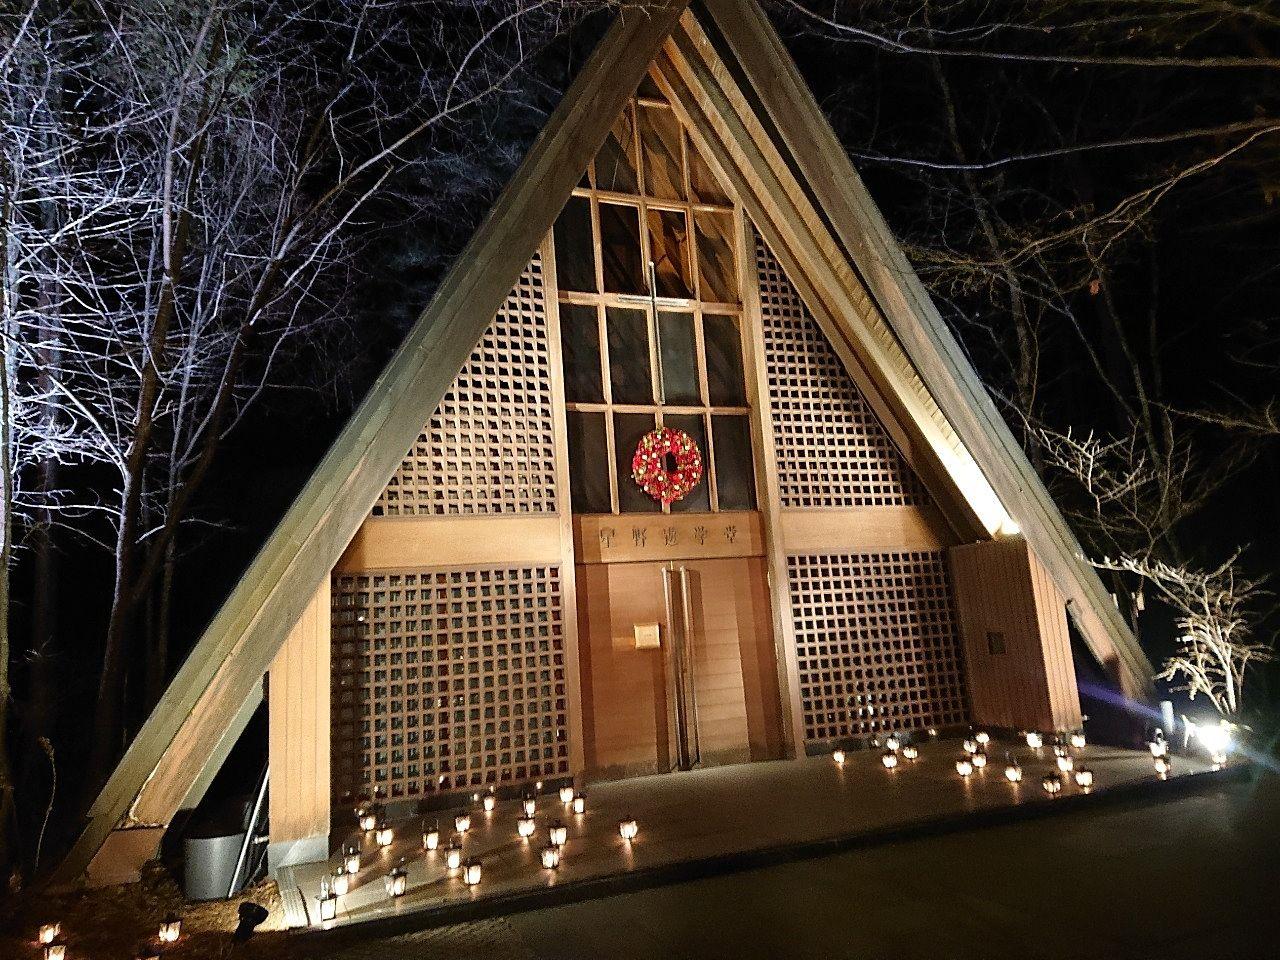 #軽井沢観光 「軽井沢高原教会」